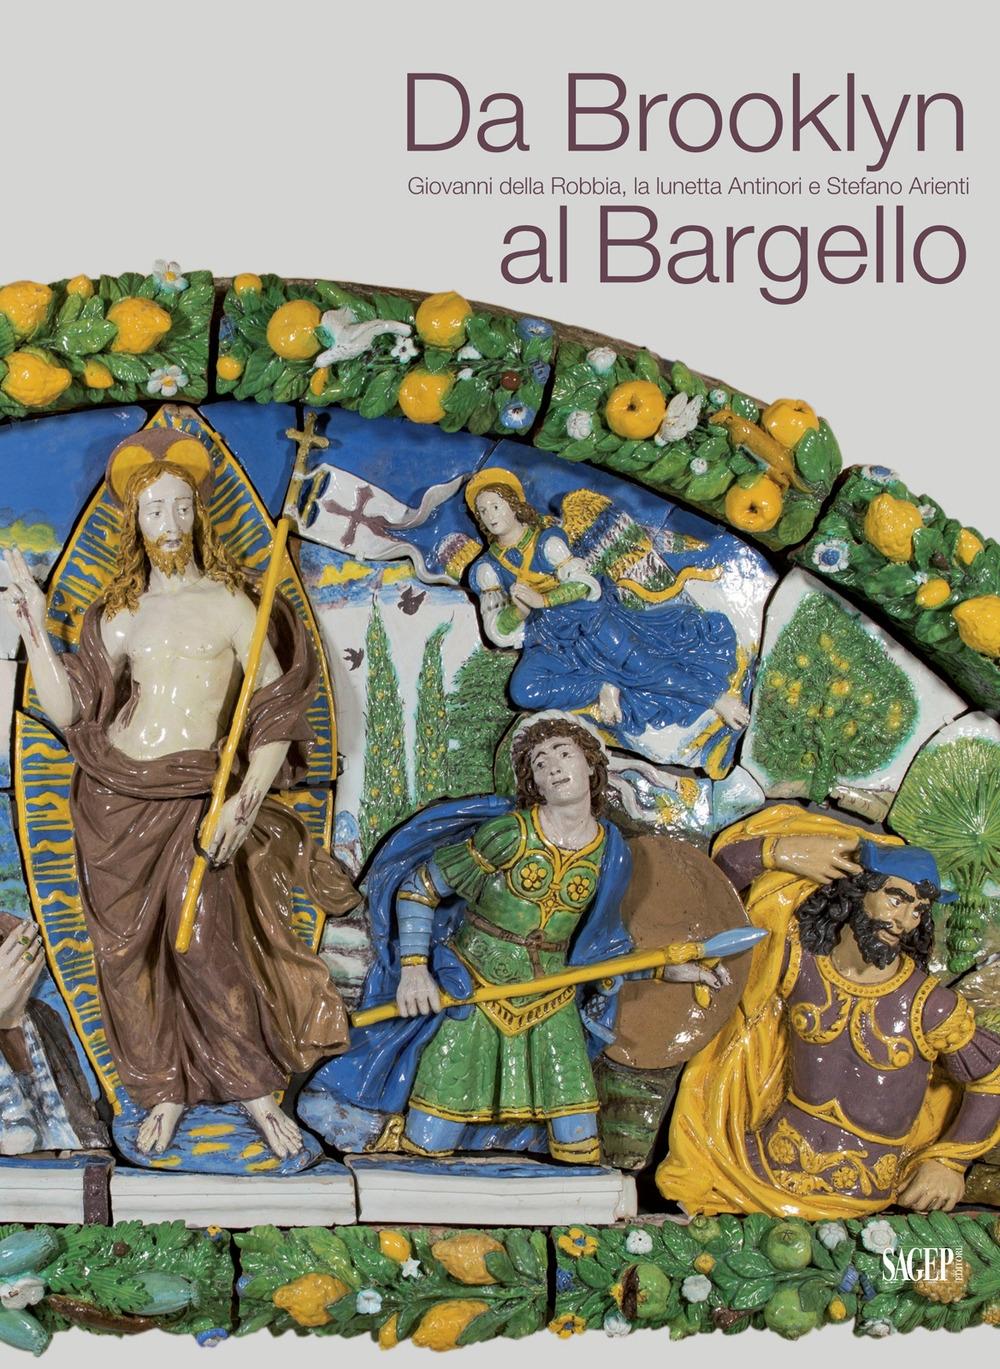 Da Brooklyn al Bargello. Giovanni della Robbia, la Lunetta Antinori e Stefano Arienti.